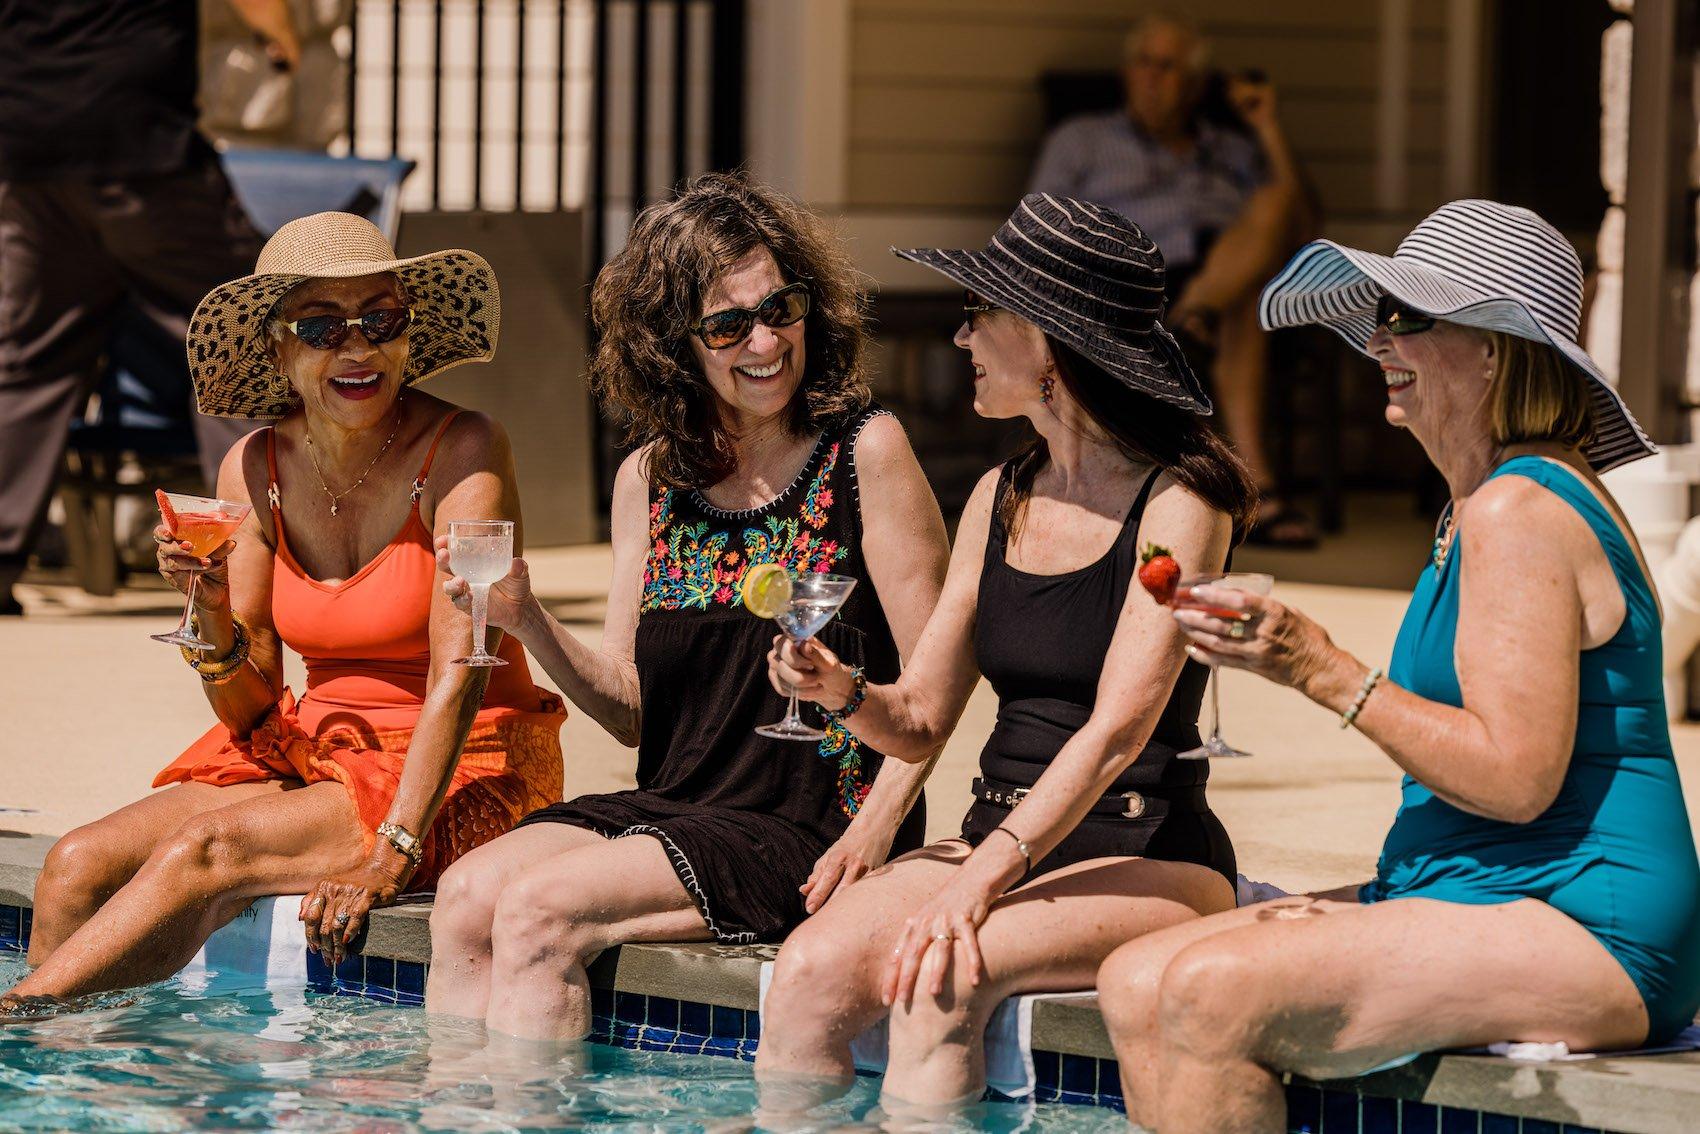 women at pool